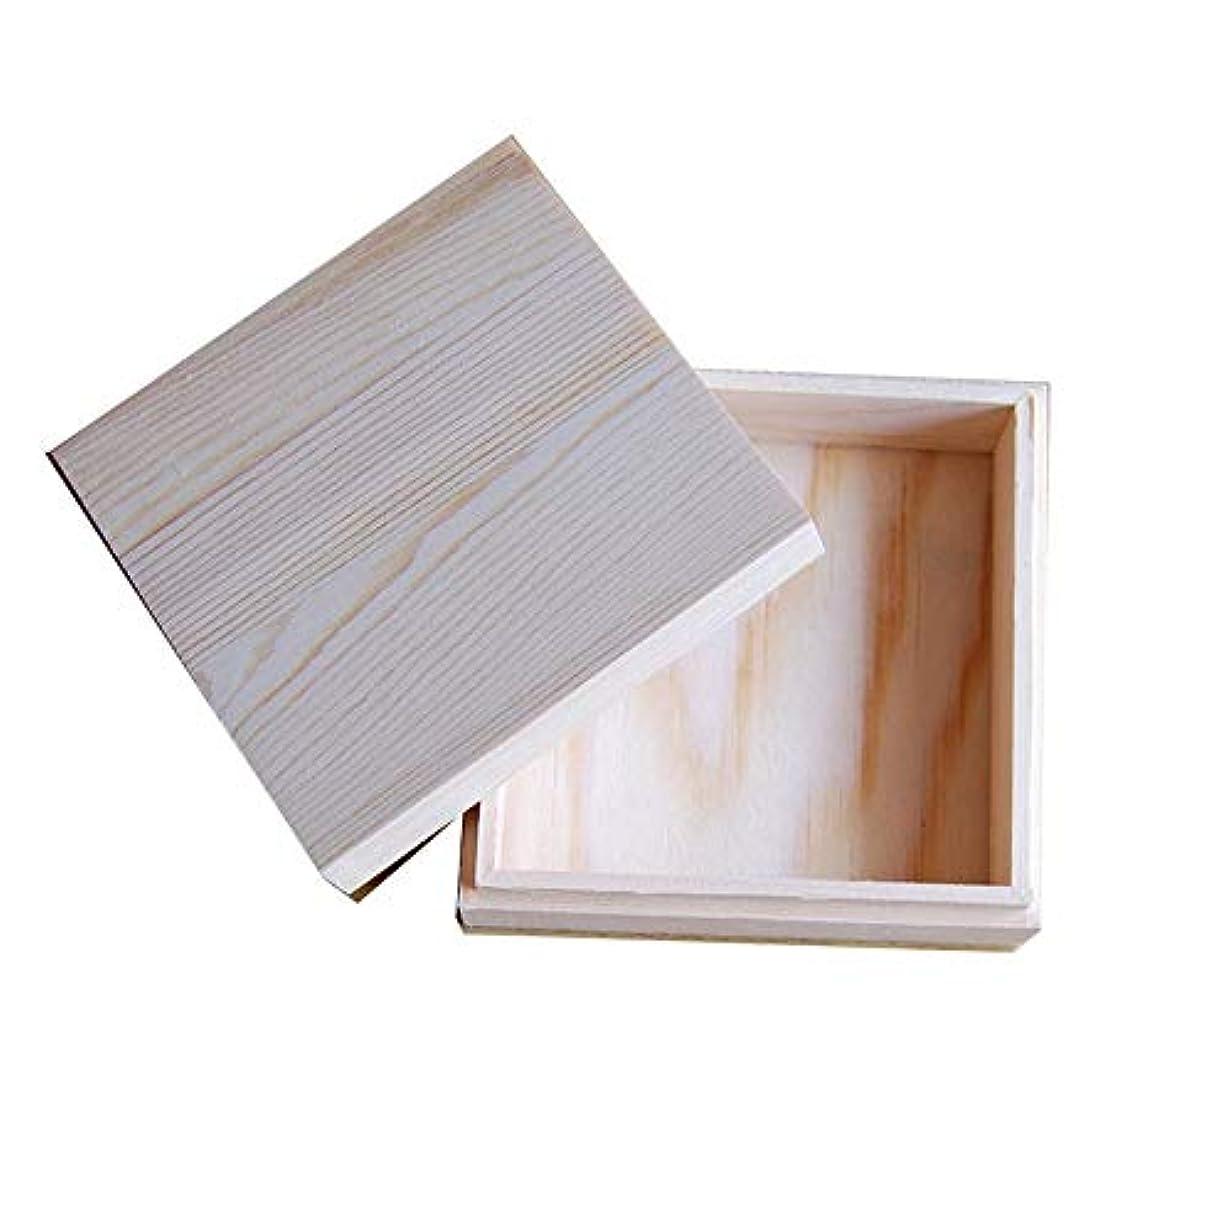 プログレッシブミットクライアントエッセンシャルオイルストレージボックス 木製のエッセンシャルオイルストレージボックス安全に油を維持するためのベスト 旅行およびプレゼンテーション用 (色 : Natural, サイズ : 11.5X11.5X5CM)